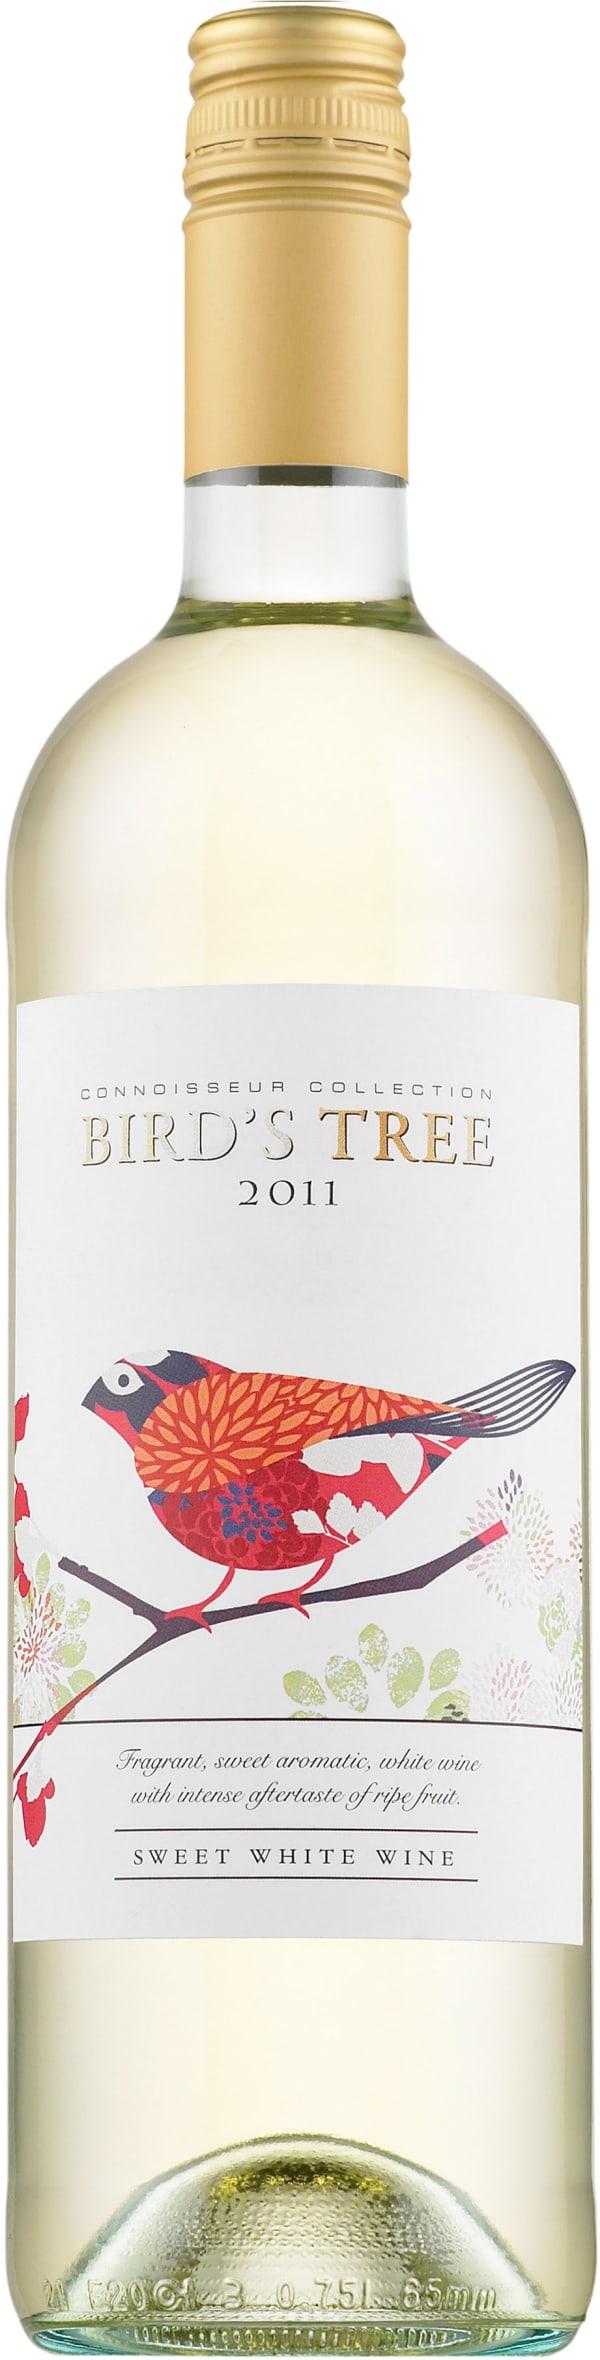 Bird's Tree 2017